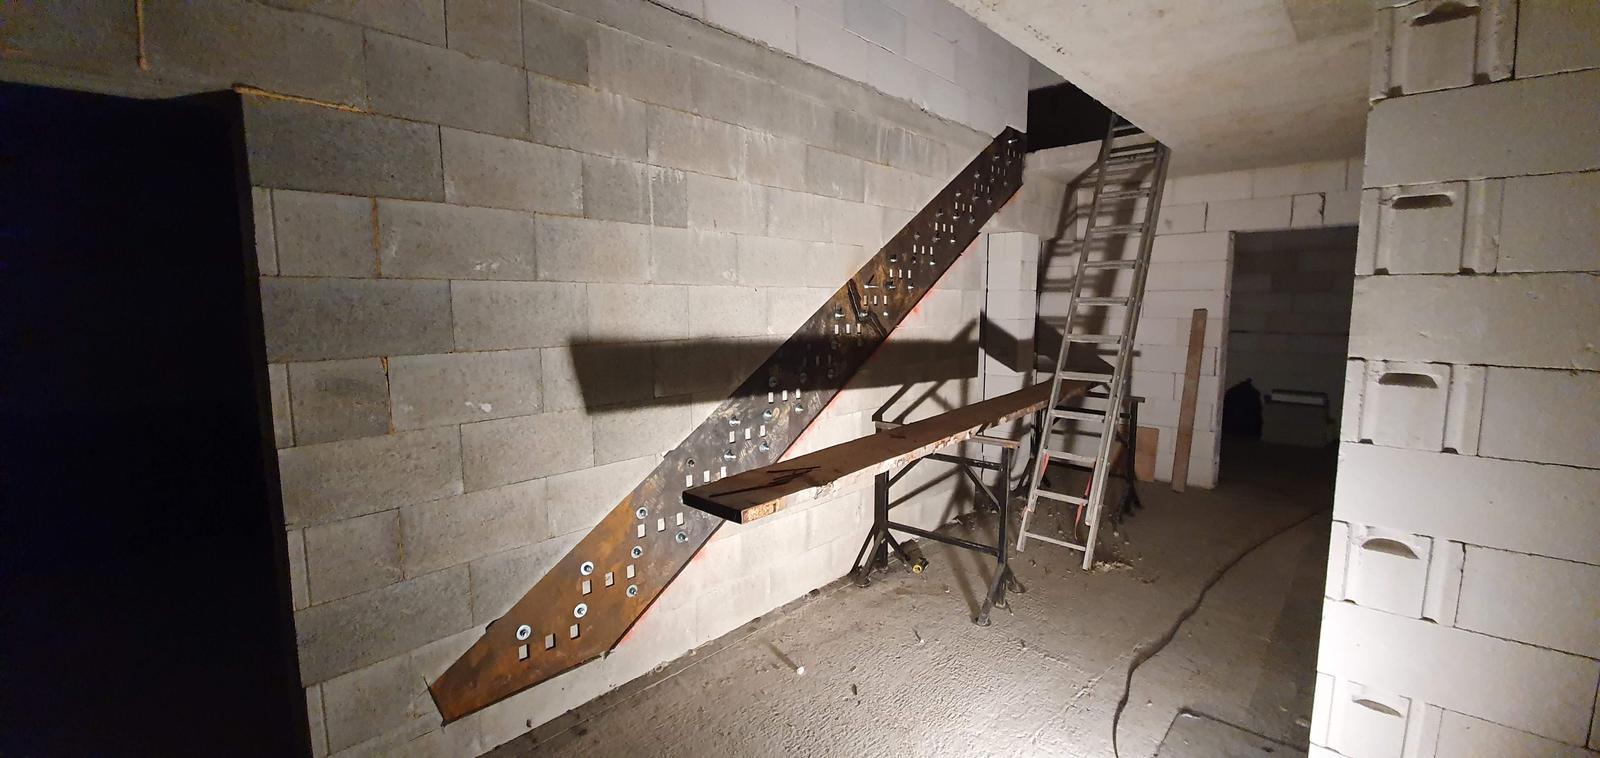 Konzolove schodisko (samonosne schody) - original platna osadena, hrubky 10mm. Medzi kazdu schodnicu sme dali 3 sroby M18 do chemickej kotvy + 4 zavitove tyce boli prevrtane cez celu stenu. Na vrchu je platna zopreta o druhu deku.